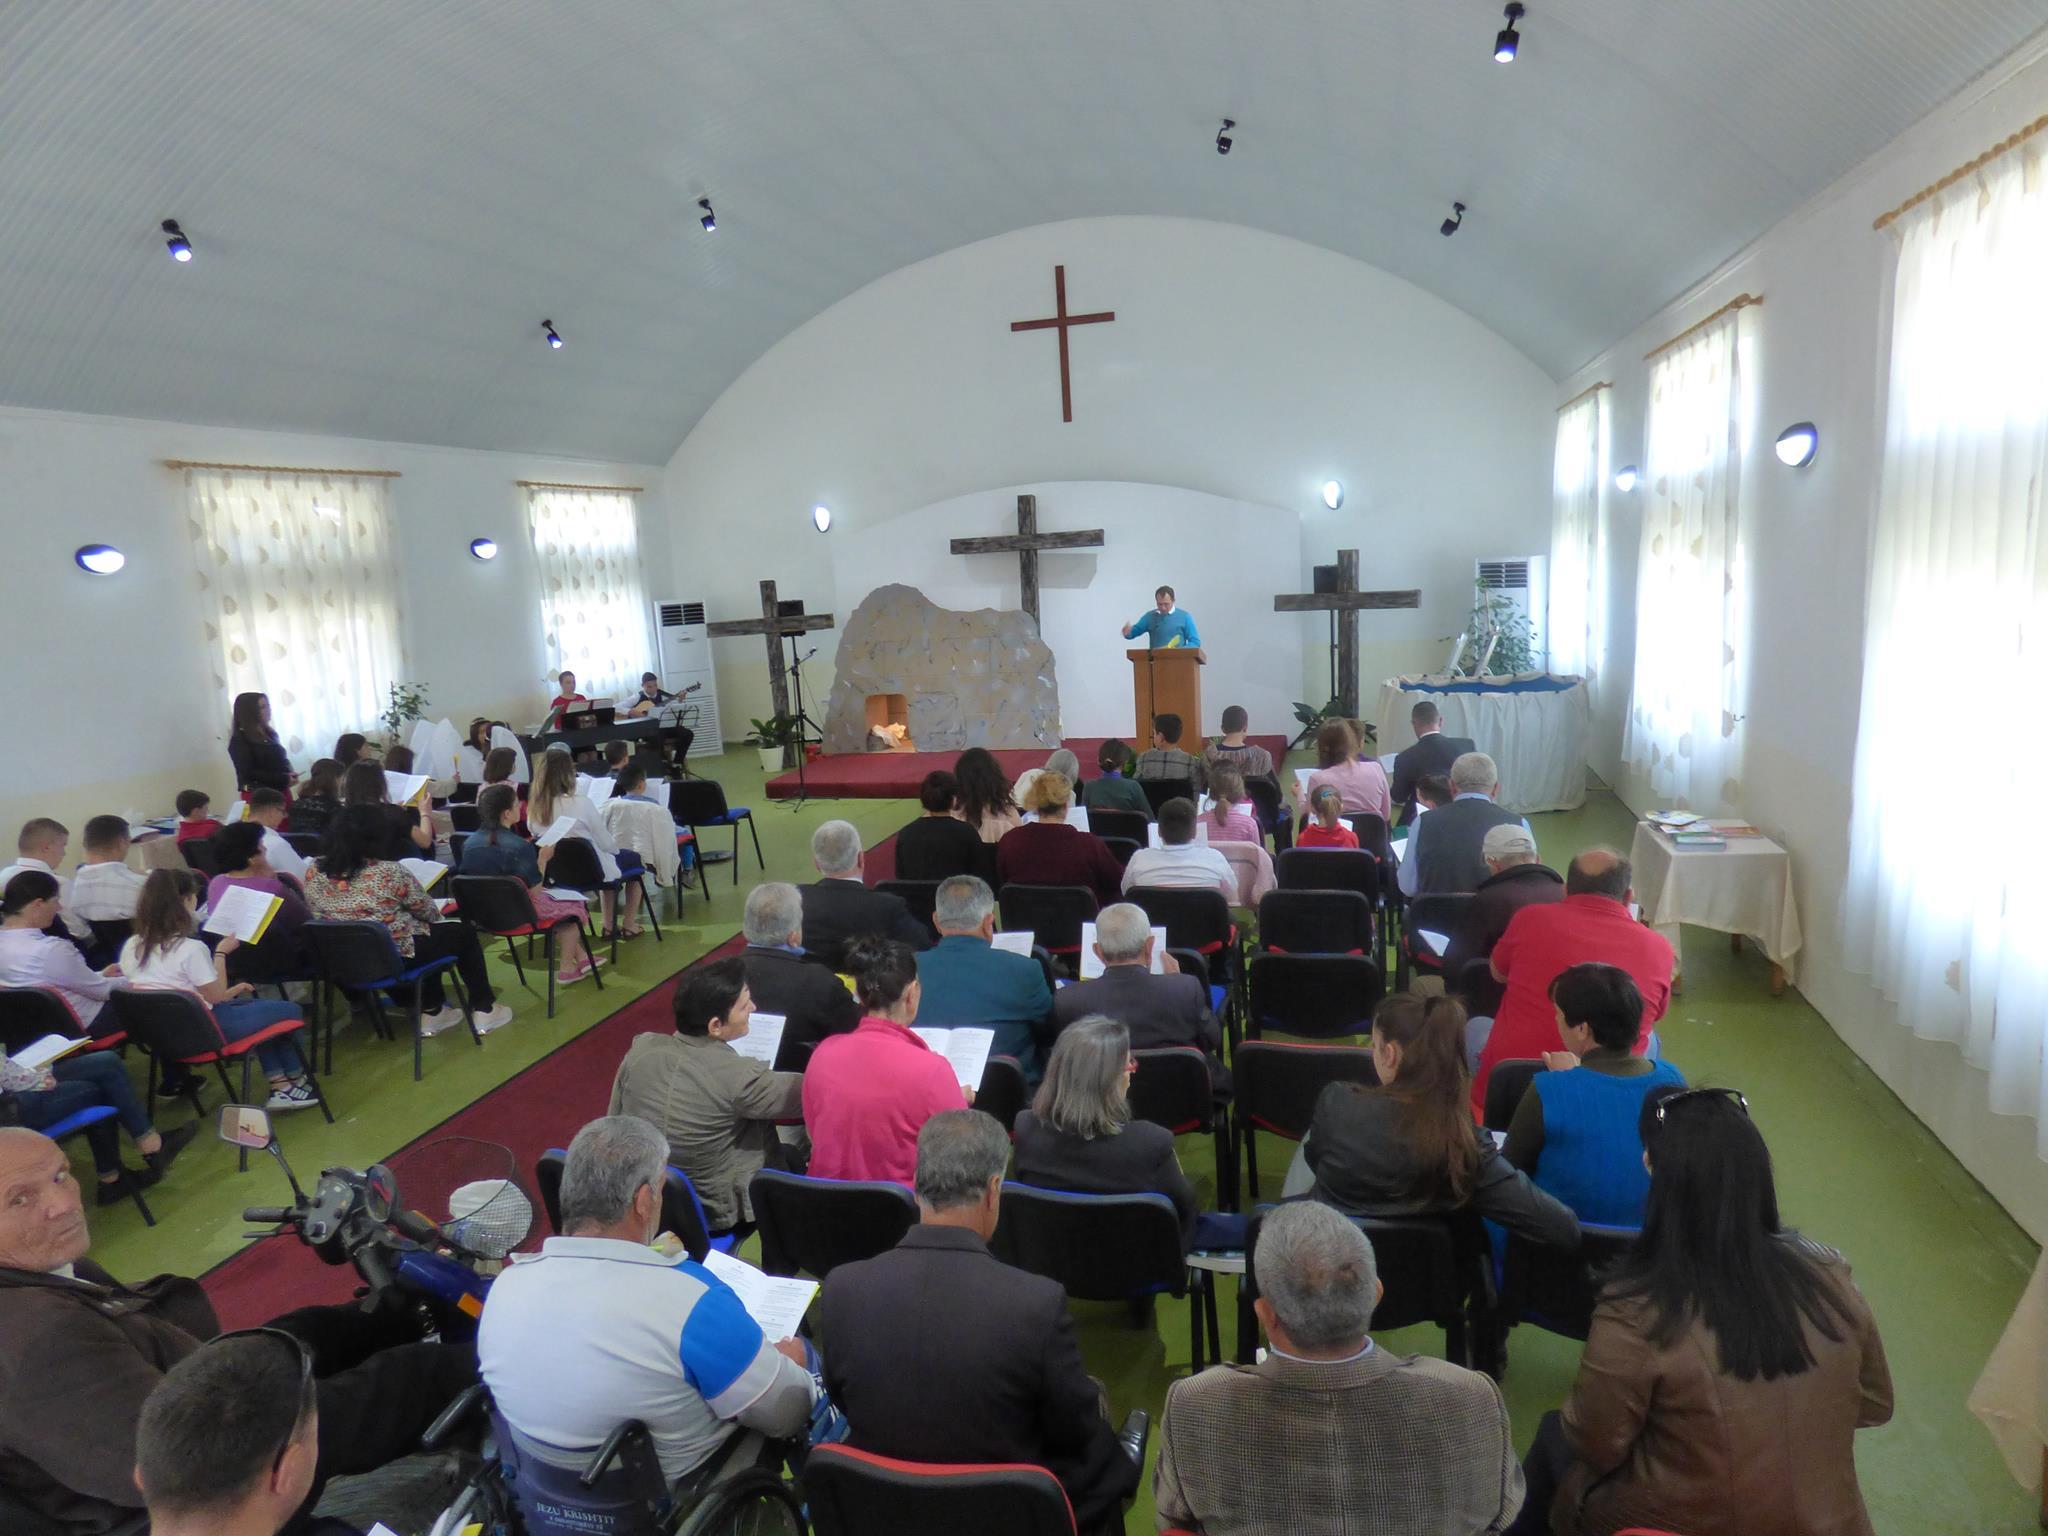 hftw church in marikaj